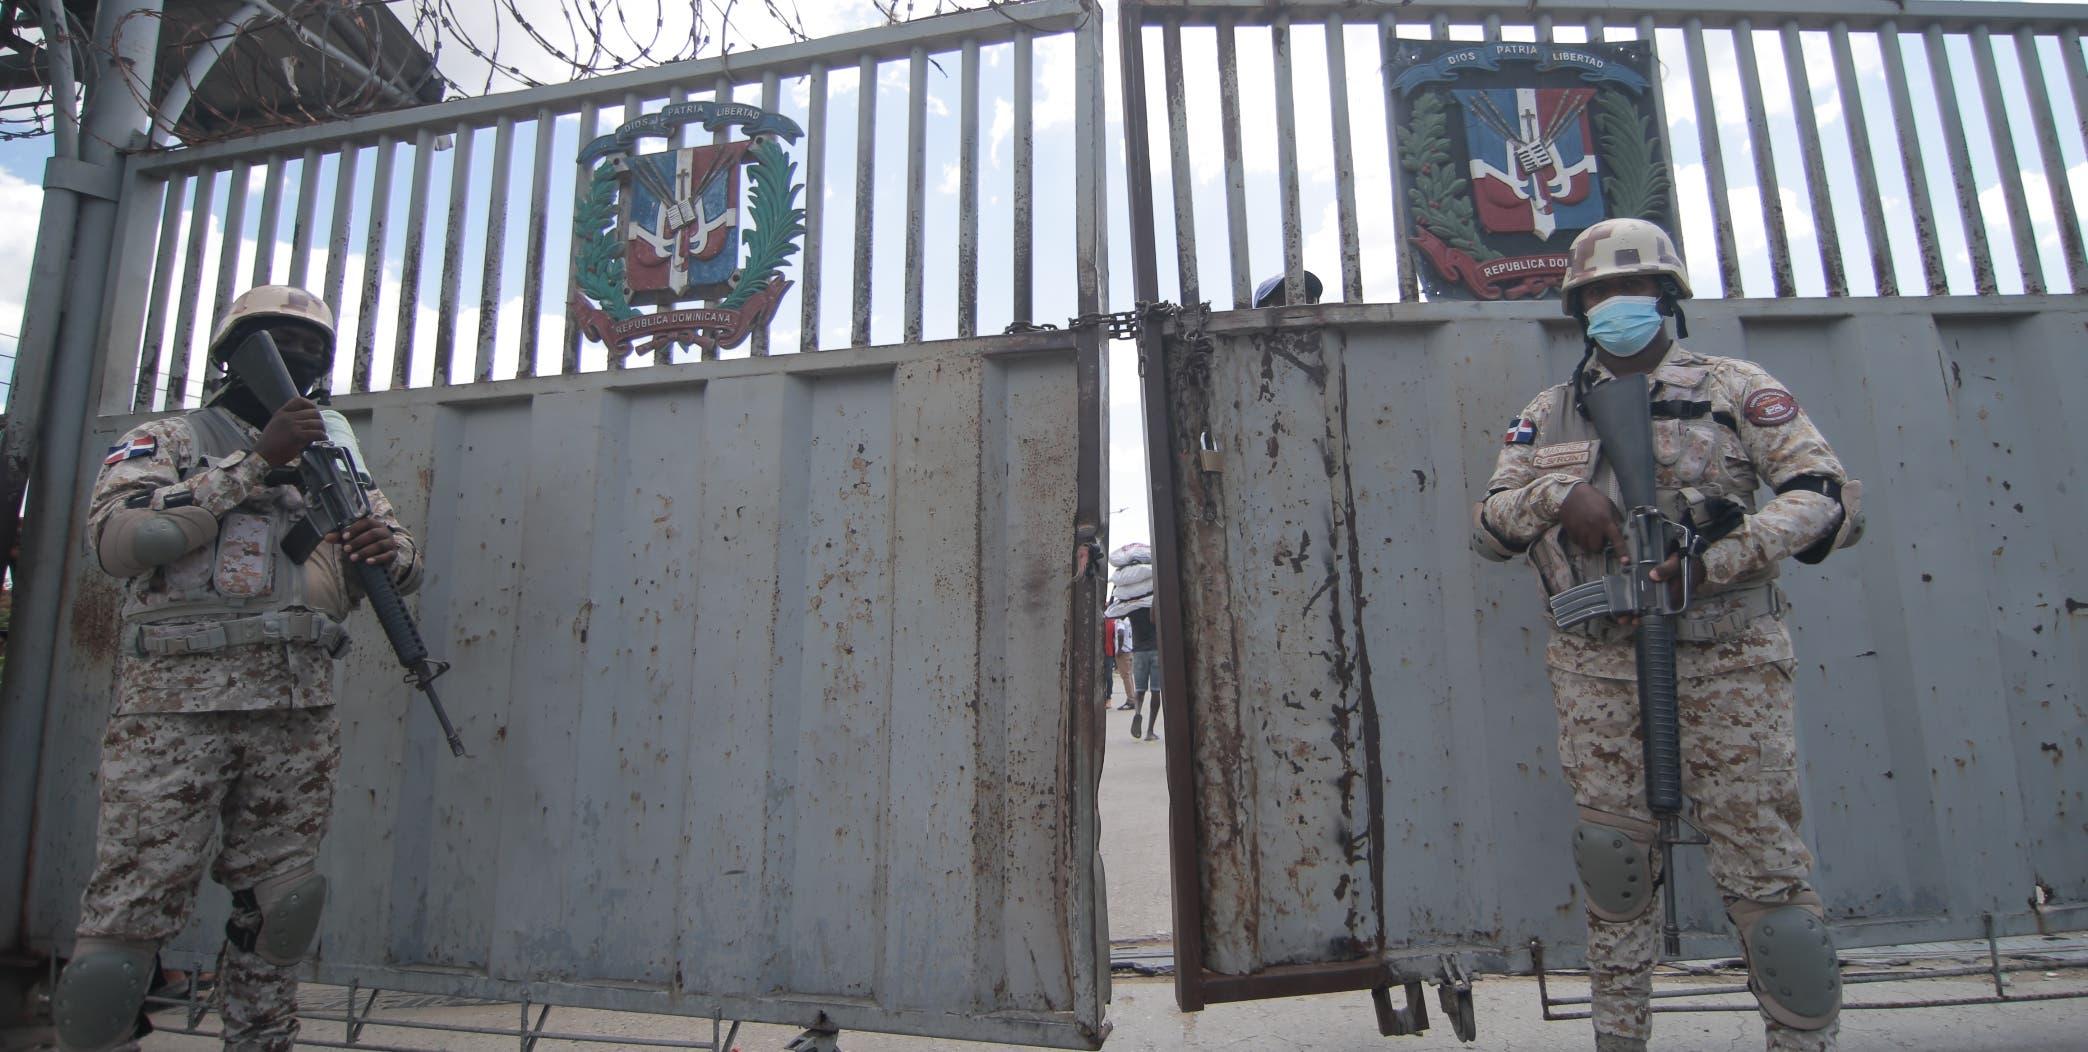 Entre patriotismo y trabajo, militares fronterizos subsisten con lo mínimo